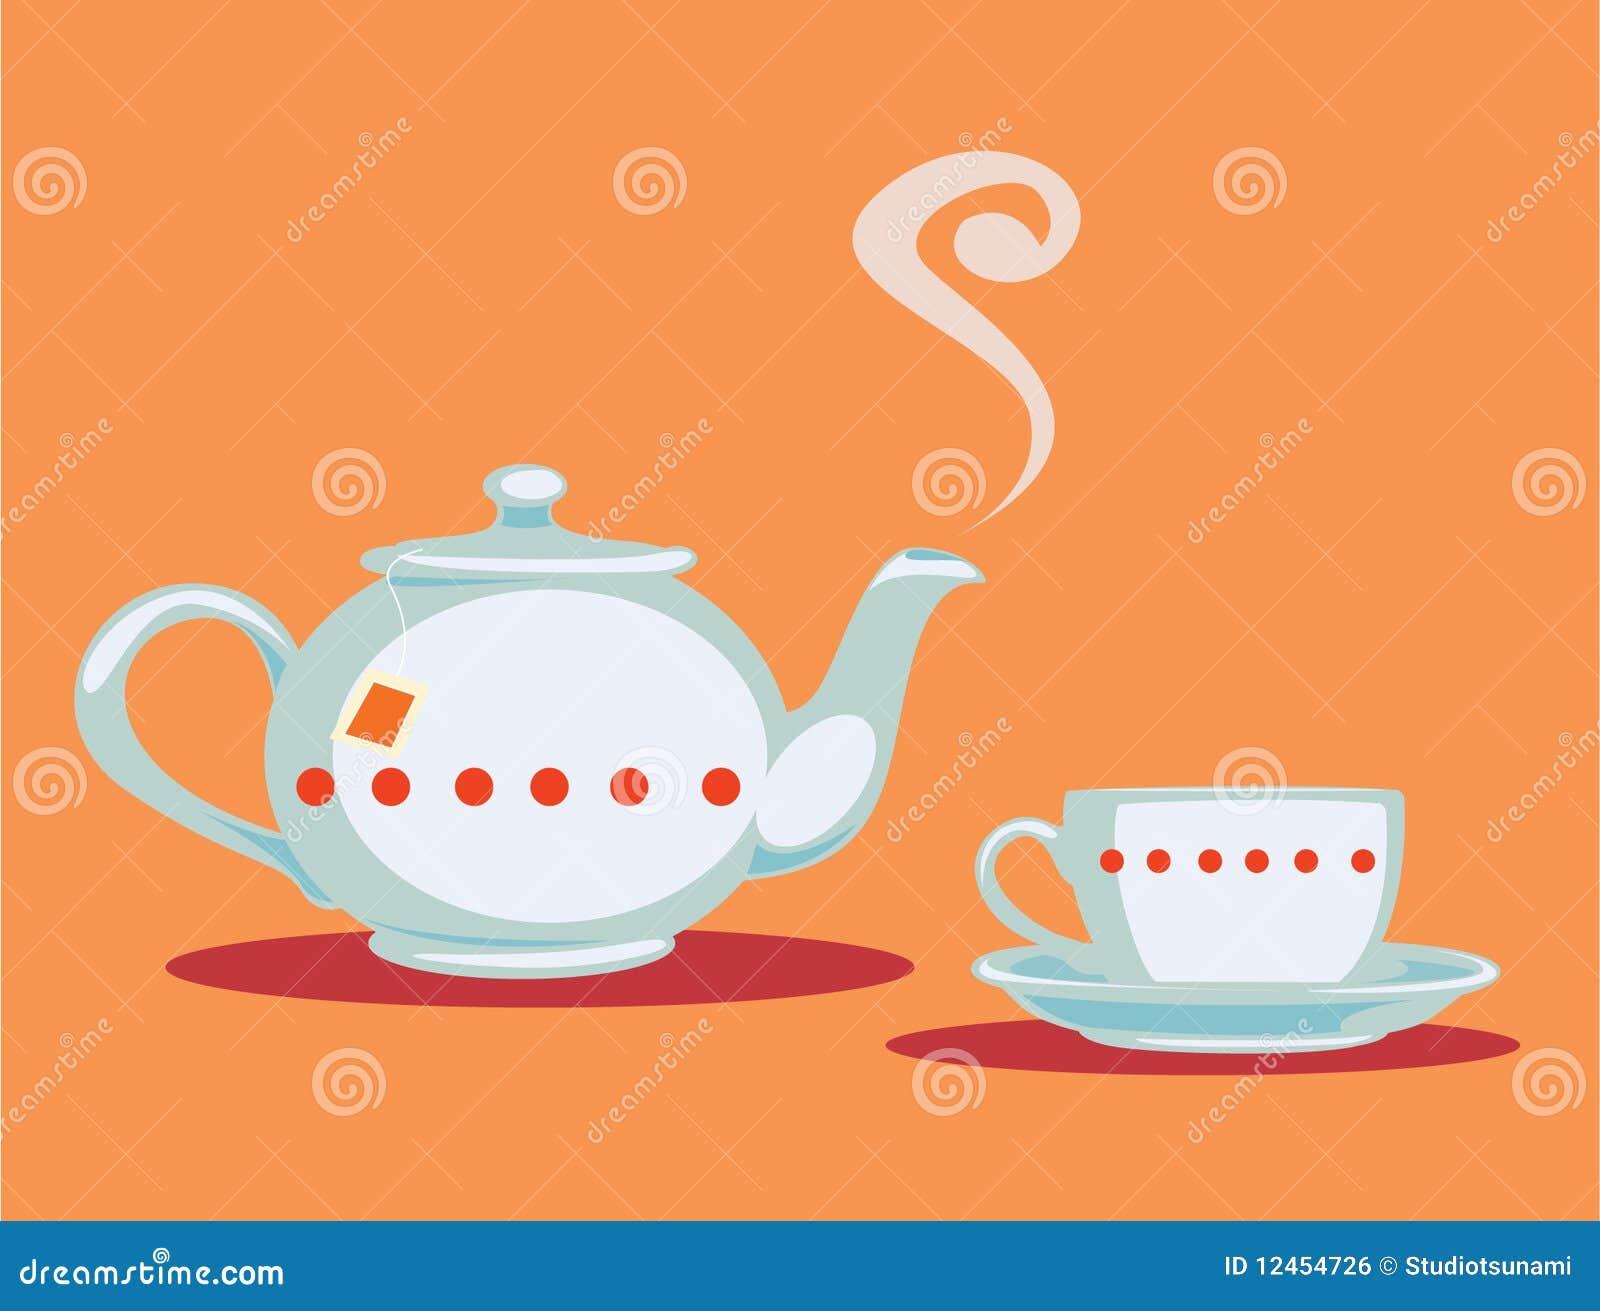 茶杯茶壶图片